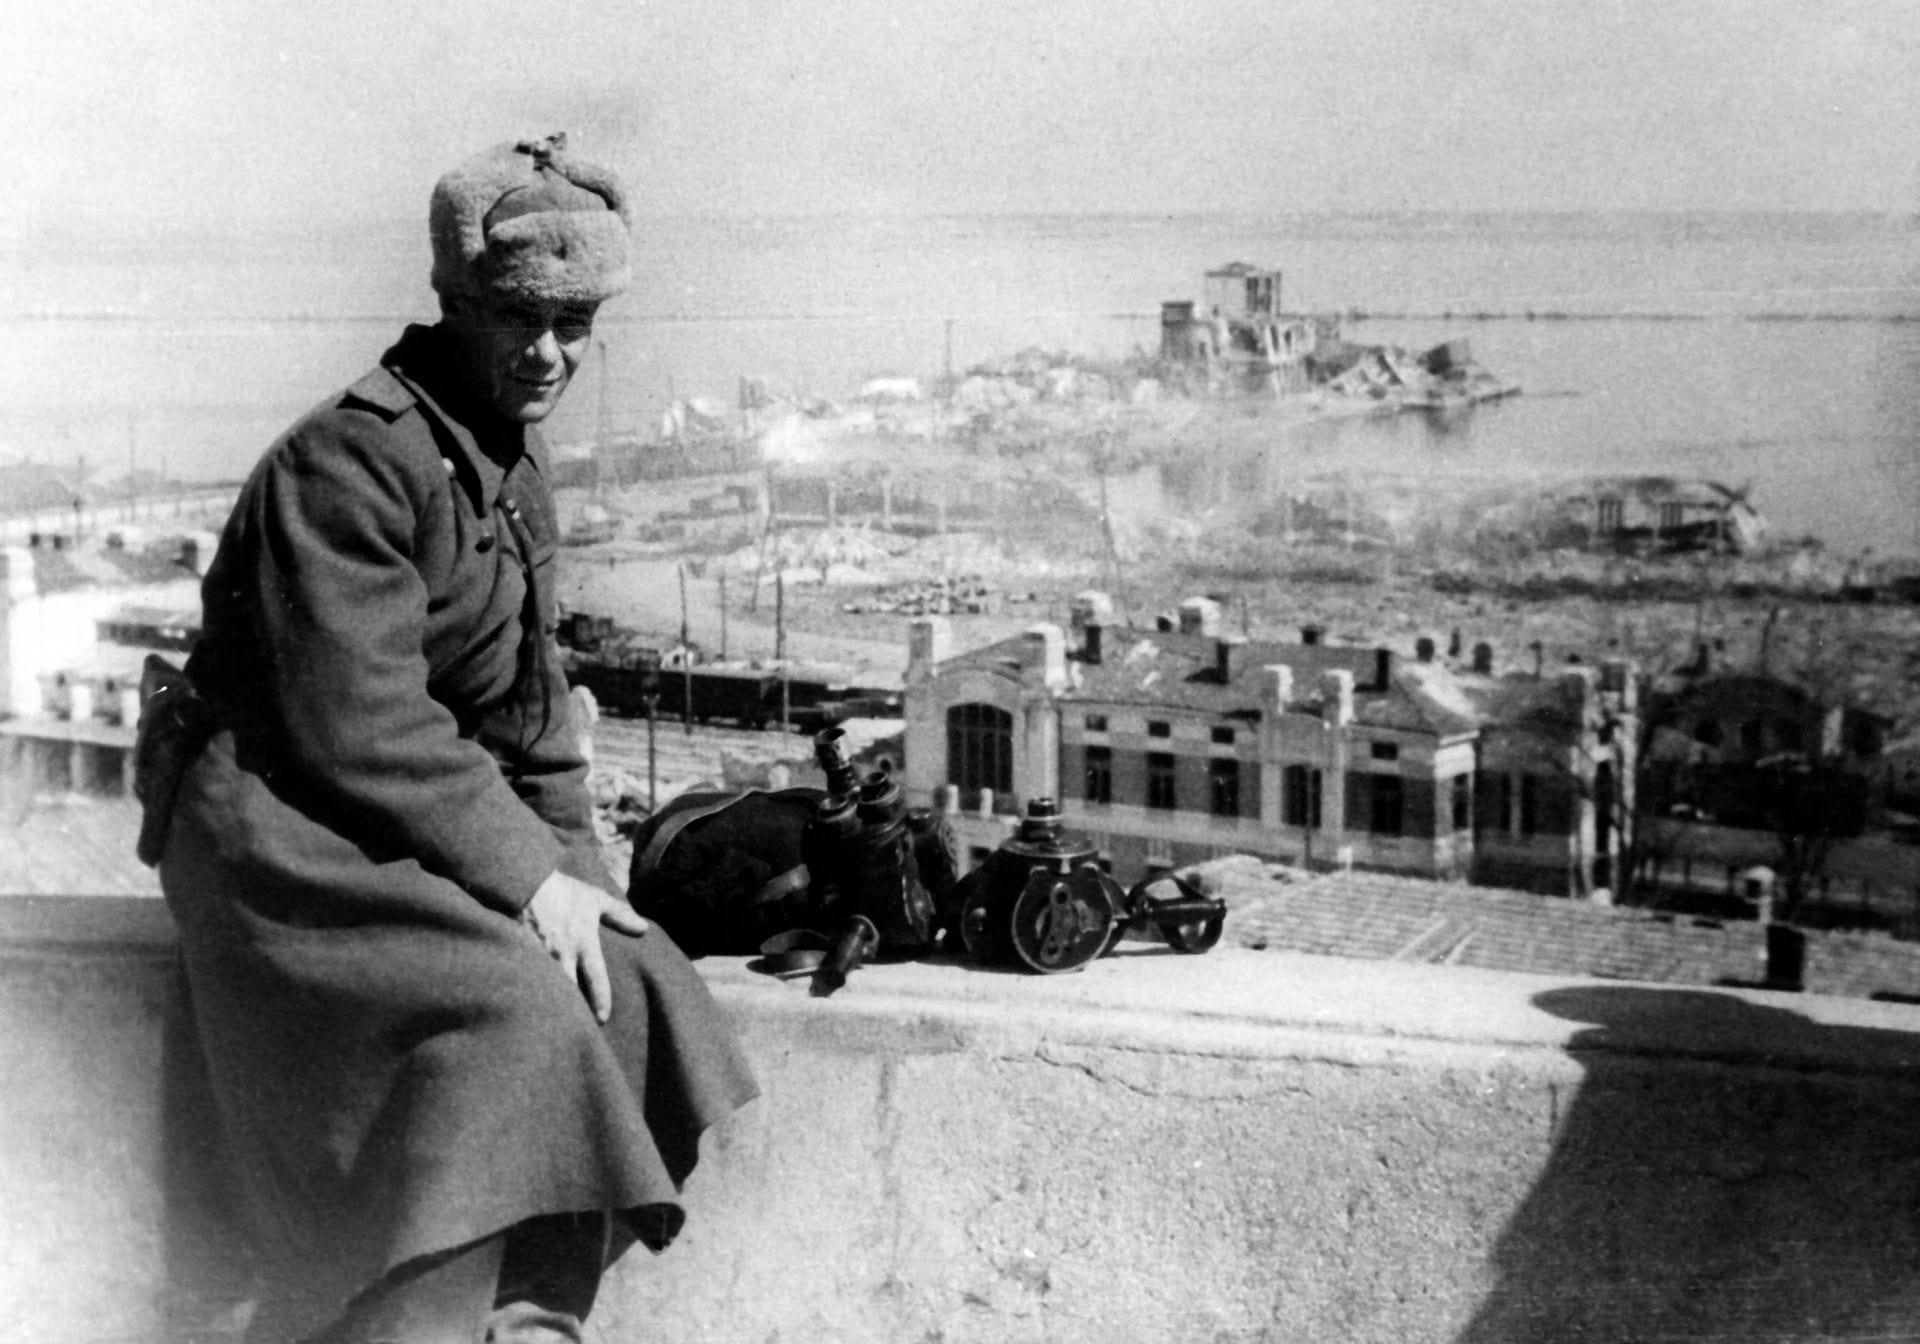 Экспонат #21. Александр Брантман. Март-апрель 1944 года